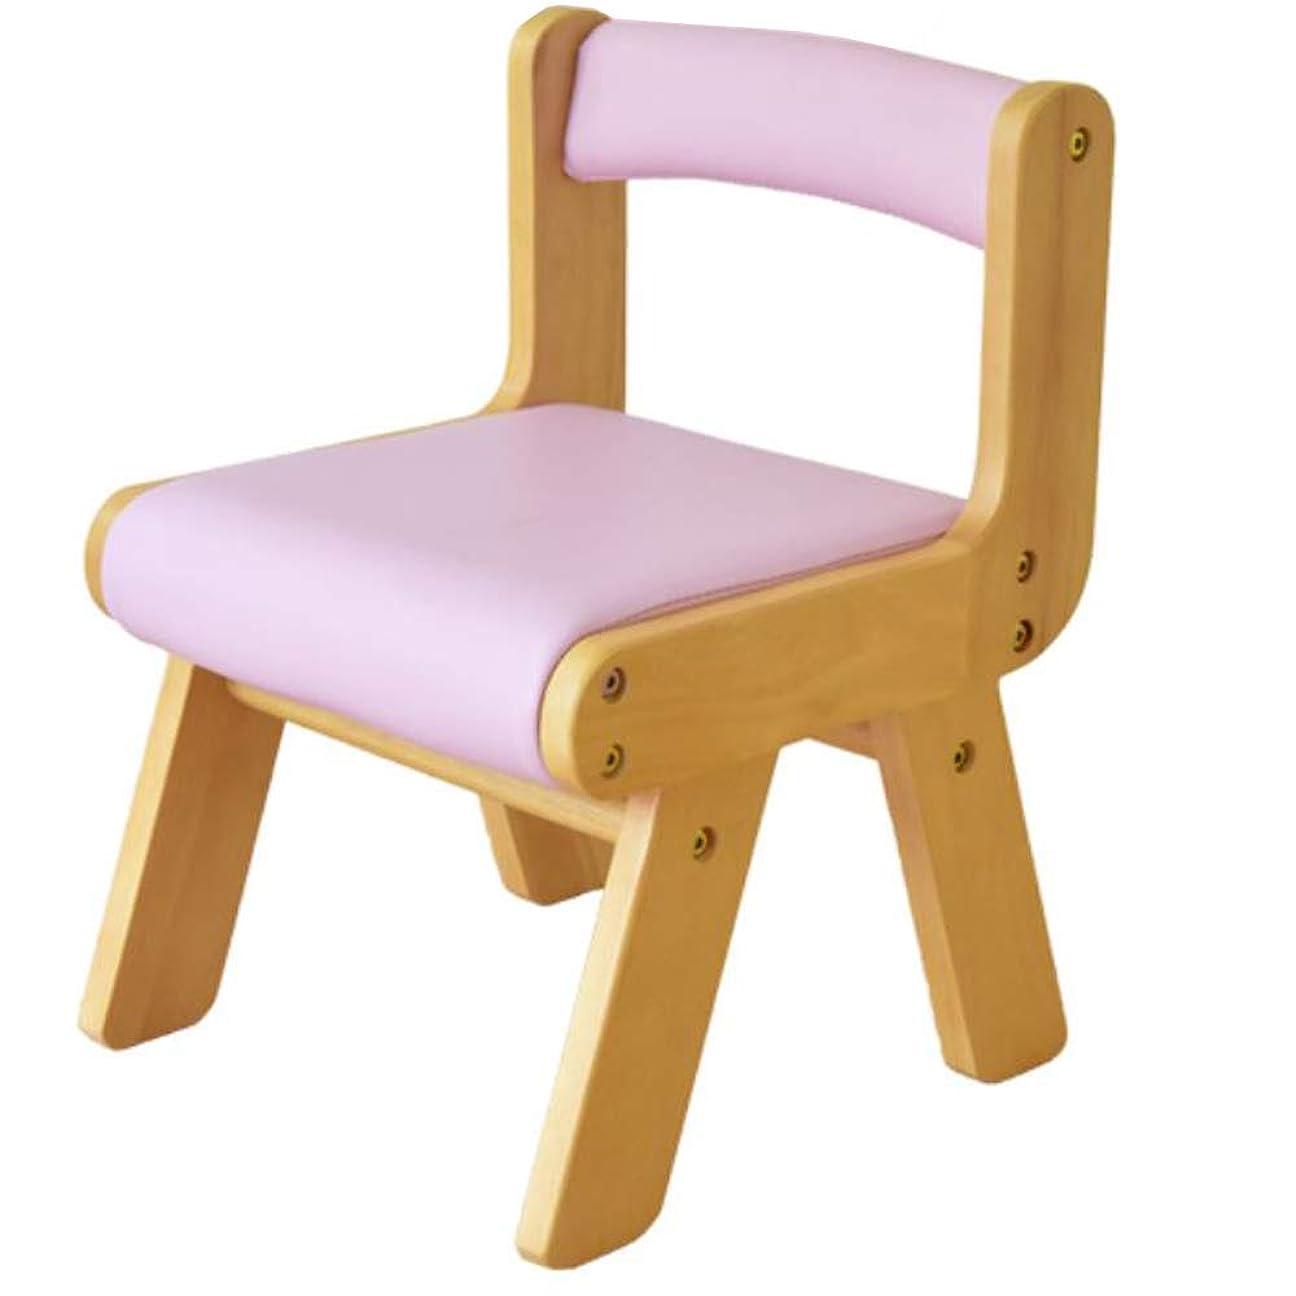 間接的だらしないつづりKidzoo(キッズーシリーズ) PVCチェア肘なし (ピンク)